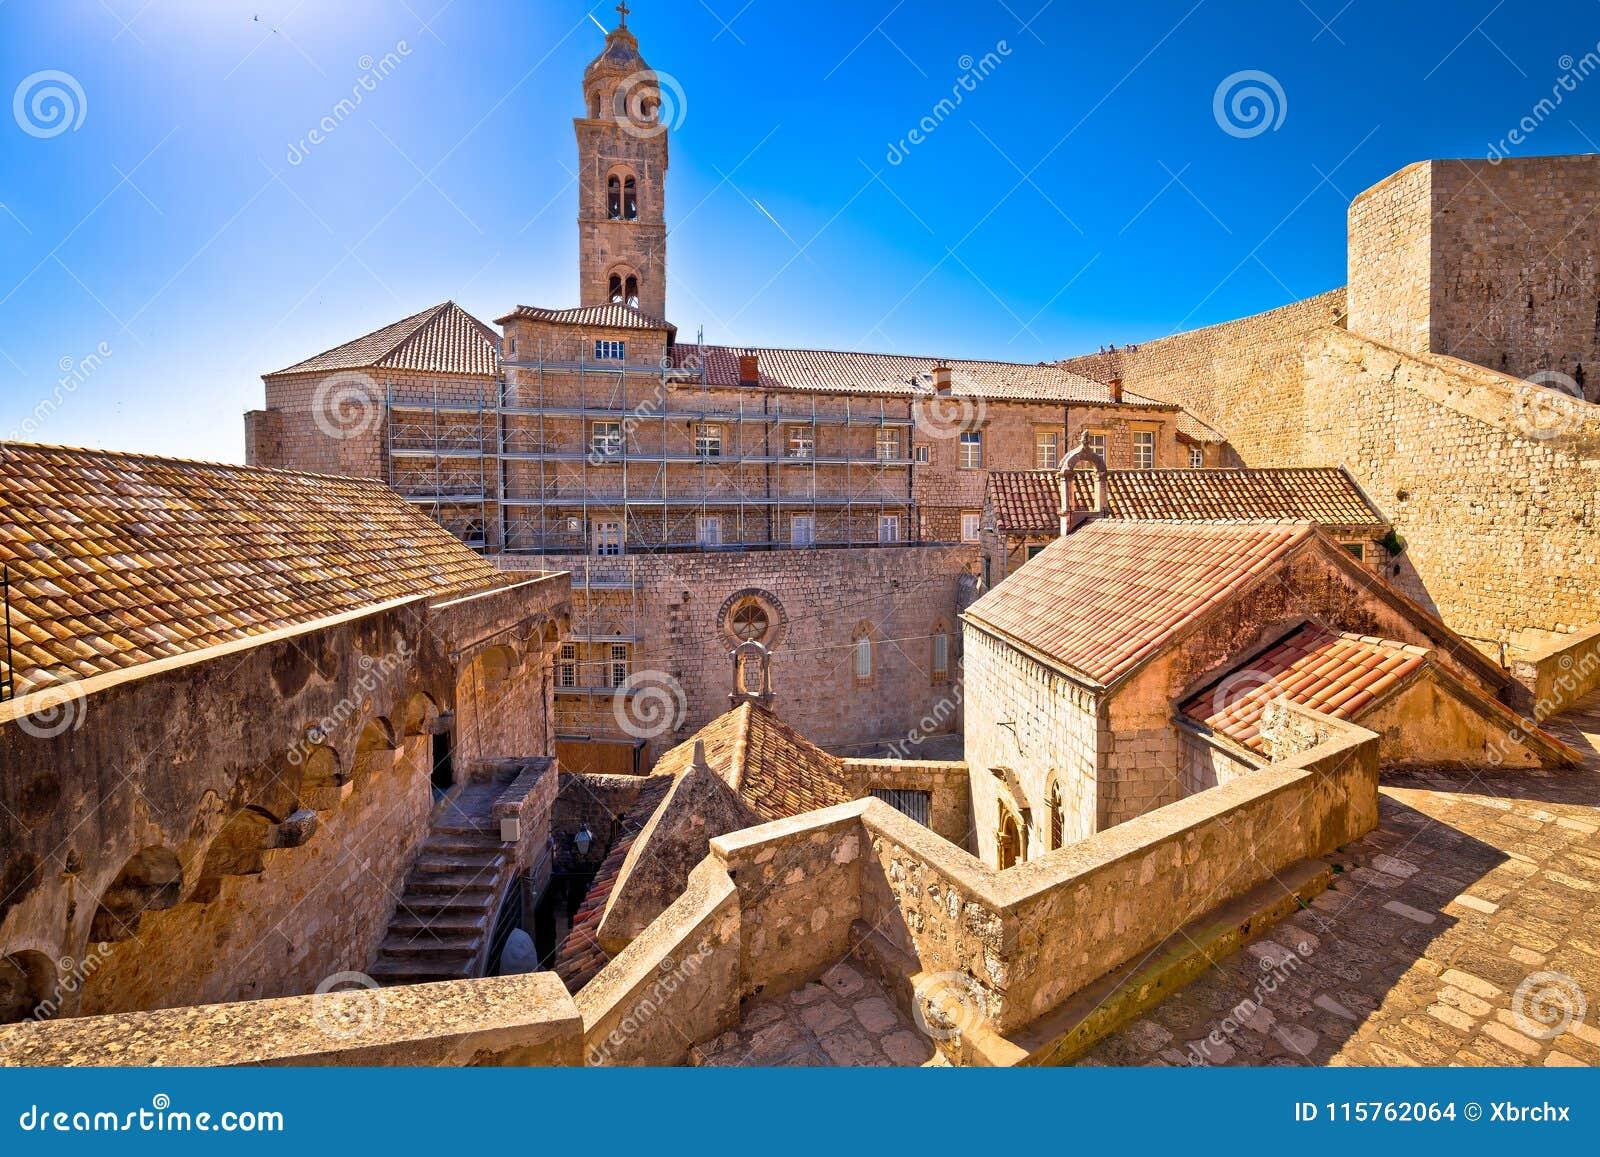 Paredes históricas de la ciudad del fron de la opinión de la arquitectura de Dubrovnik